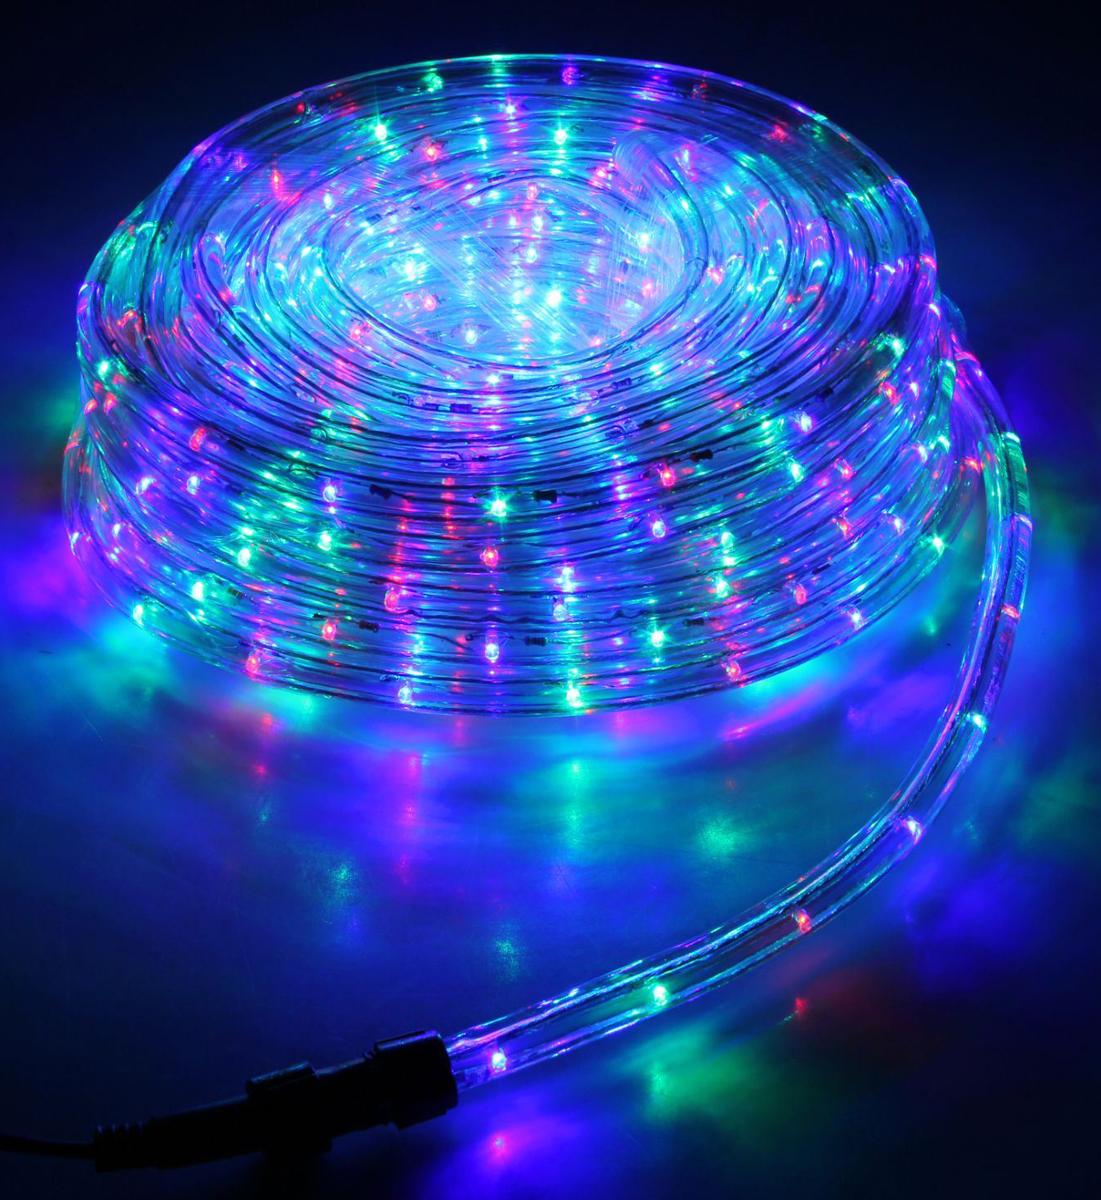 Гирлянда светодиодная Luazon, 440 ламп, 8 режимов, 220 V, цвет: мультиколор, 1,3 см х 20 м. 678003678003Светодиодные гирлянды, ленты и т.д — это отличный вариант для новогоднего оформления интерьера или фасада. С их помощью помещение любого размера можно превратить в праздничный зал, а внешние элементы зданий, украшенные ими, мгновенно станут напоминать очертания сказочного дворца. Такие украшения создают ауру предвкушения чуда. Деревья, фасады, витрины, окна и арки будто специально созданы, чтобы вы украсили их светящимися нитями.